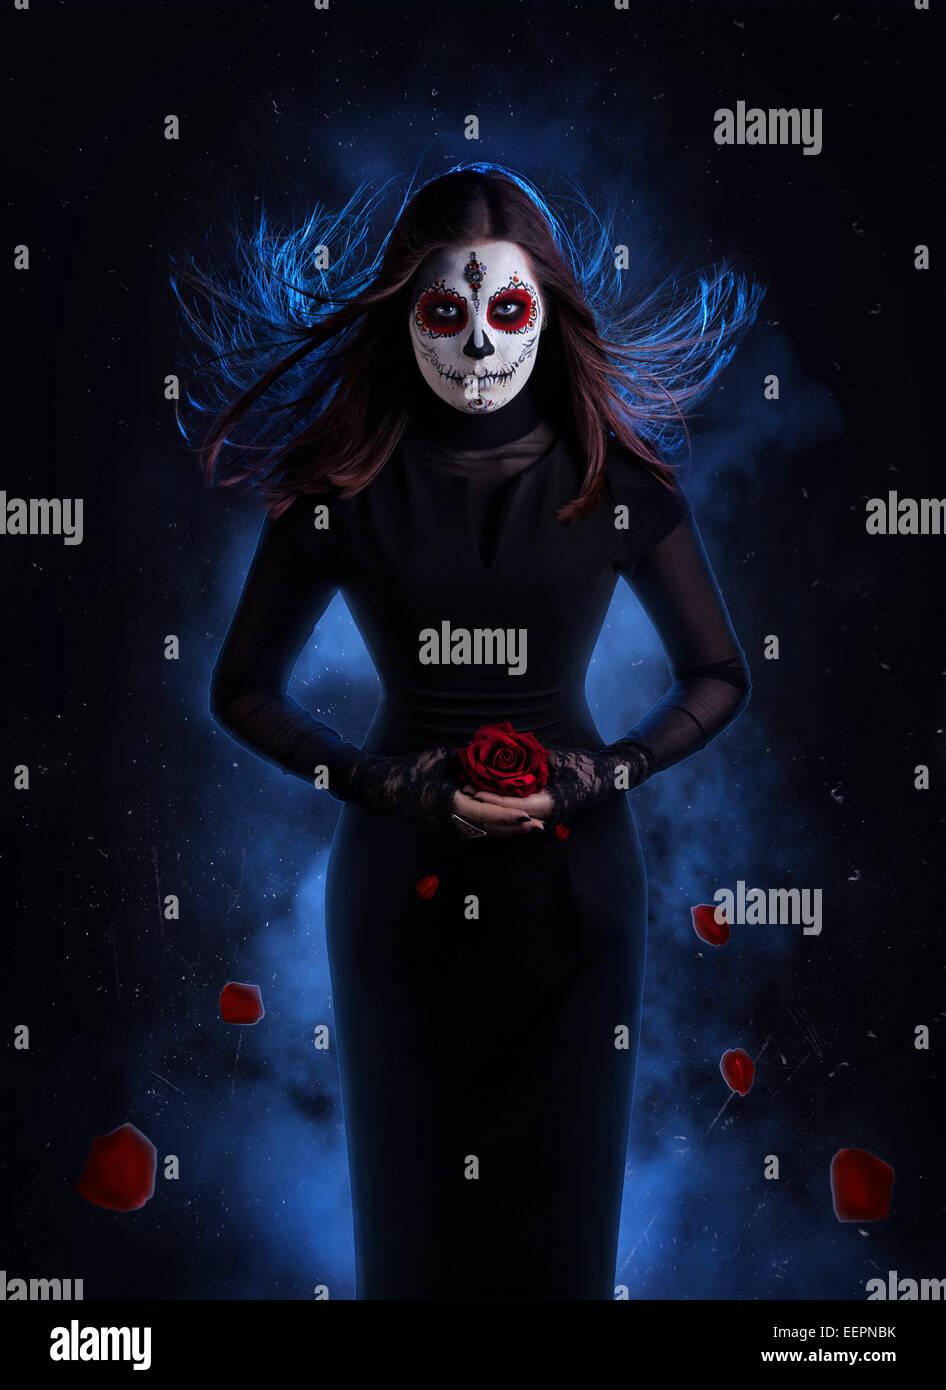 Femme en robe noire avec crâne en sucre makeup holding red rose avec pétales tombent au fond sombre Photo Stock